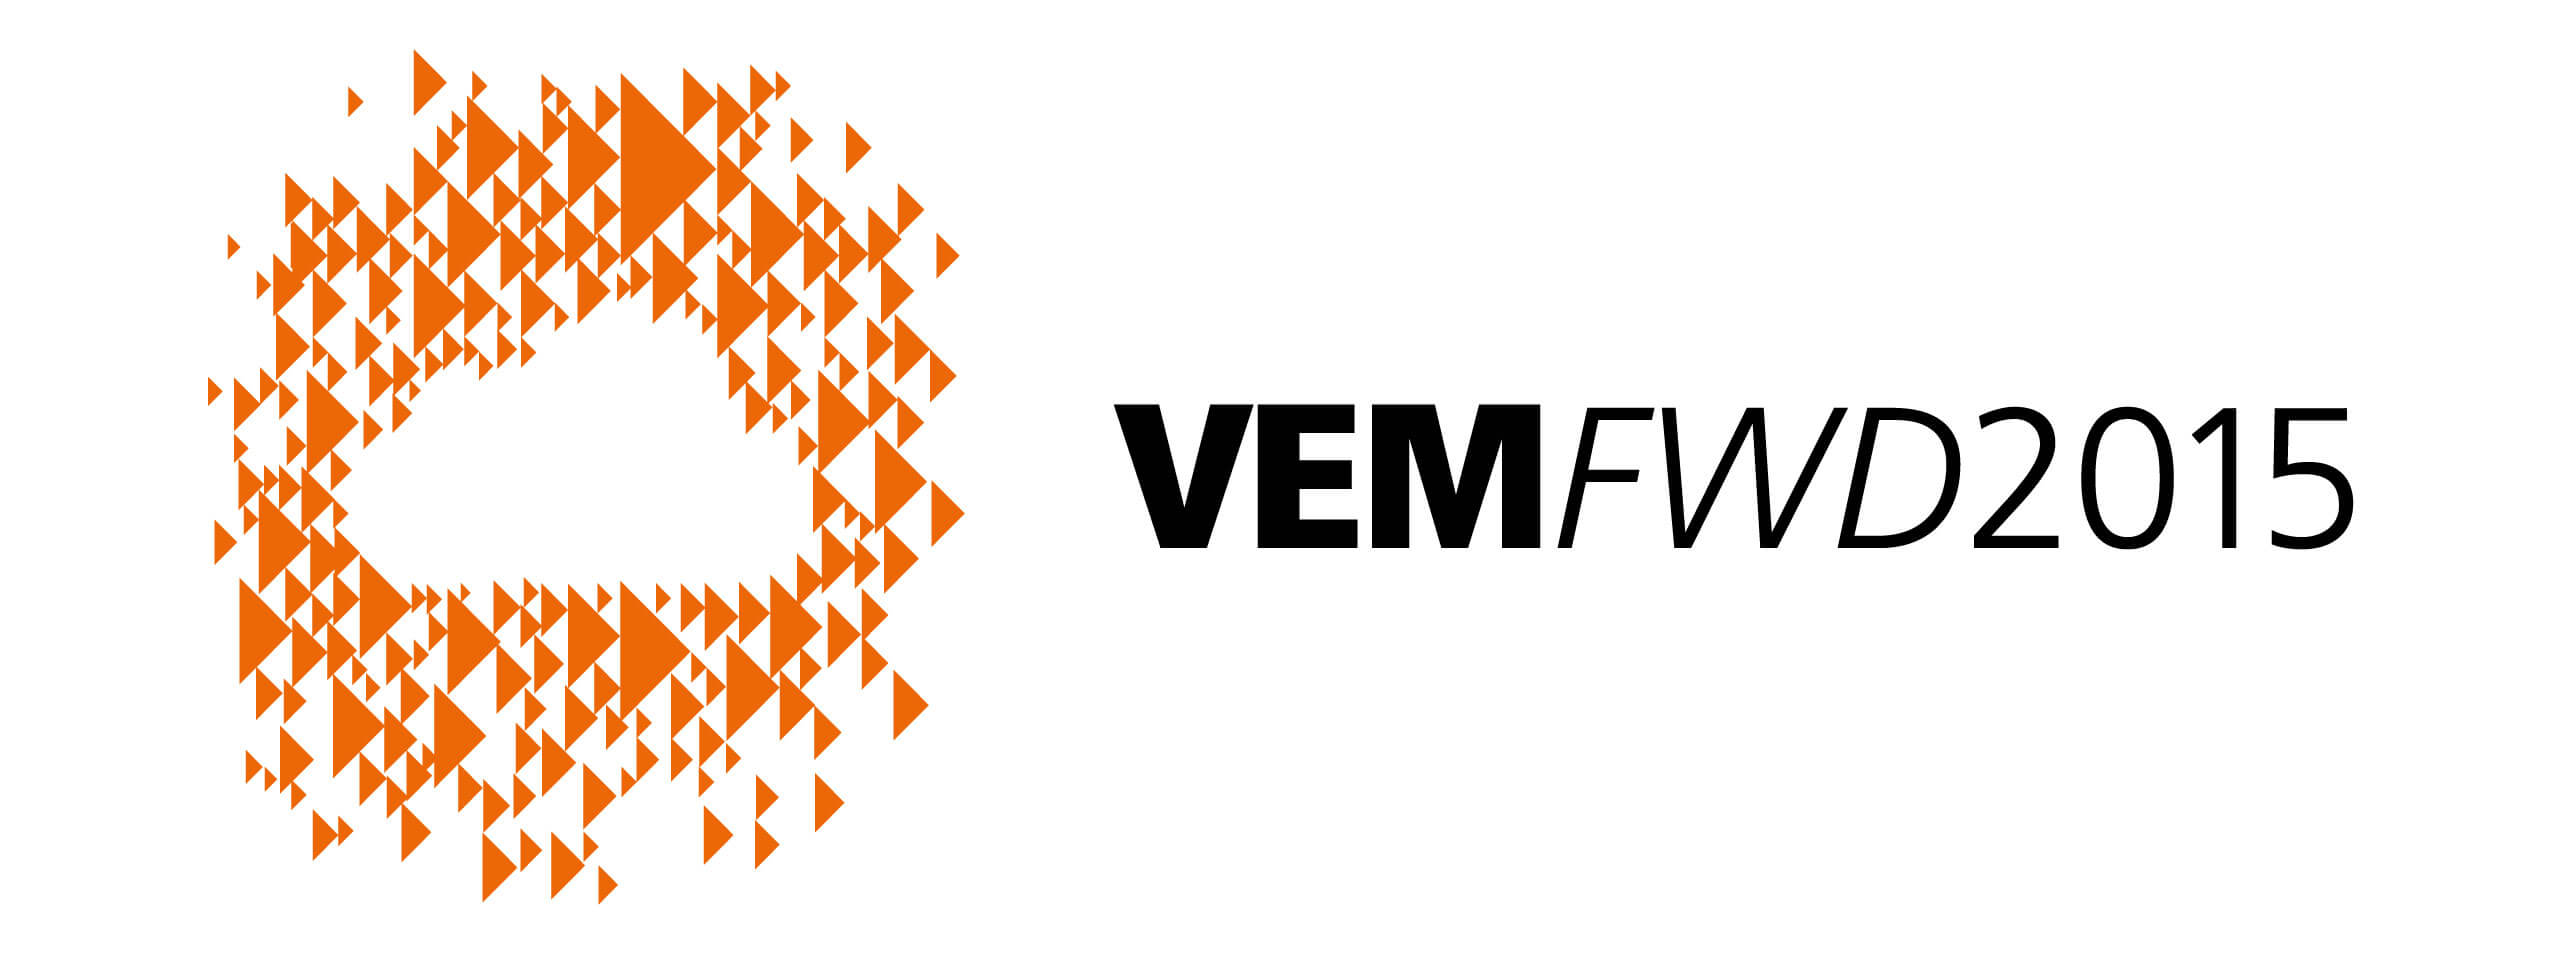 VEM Forward 2015